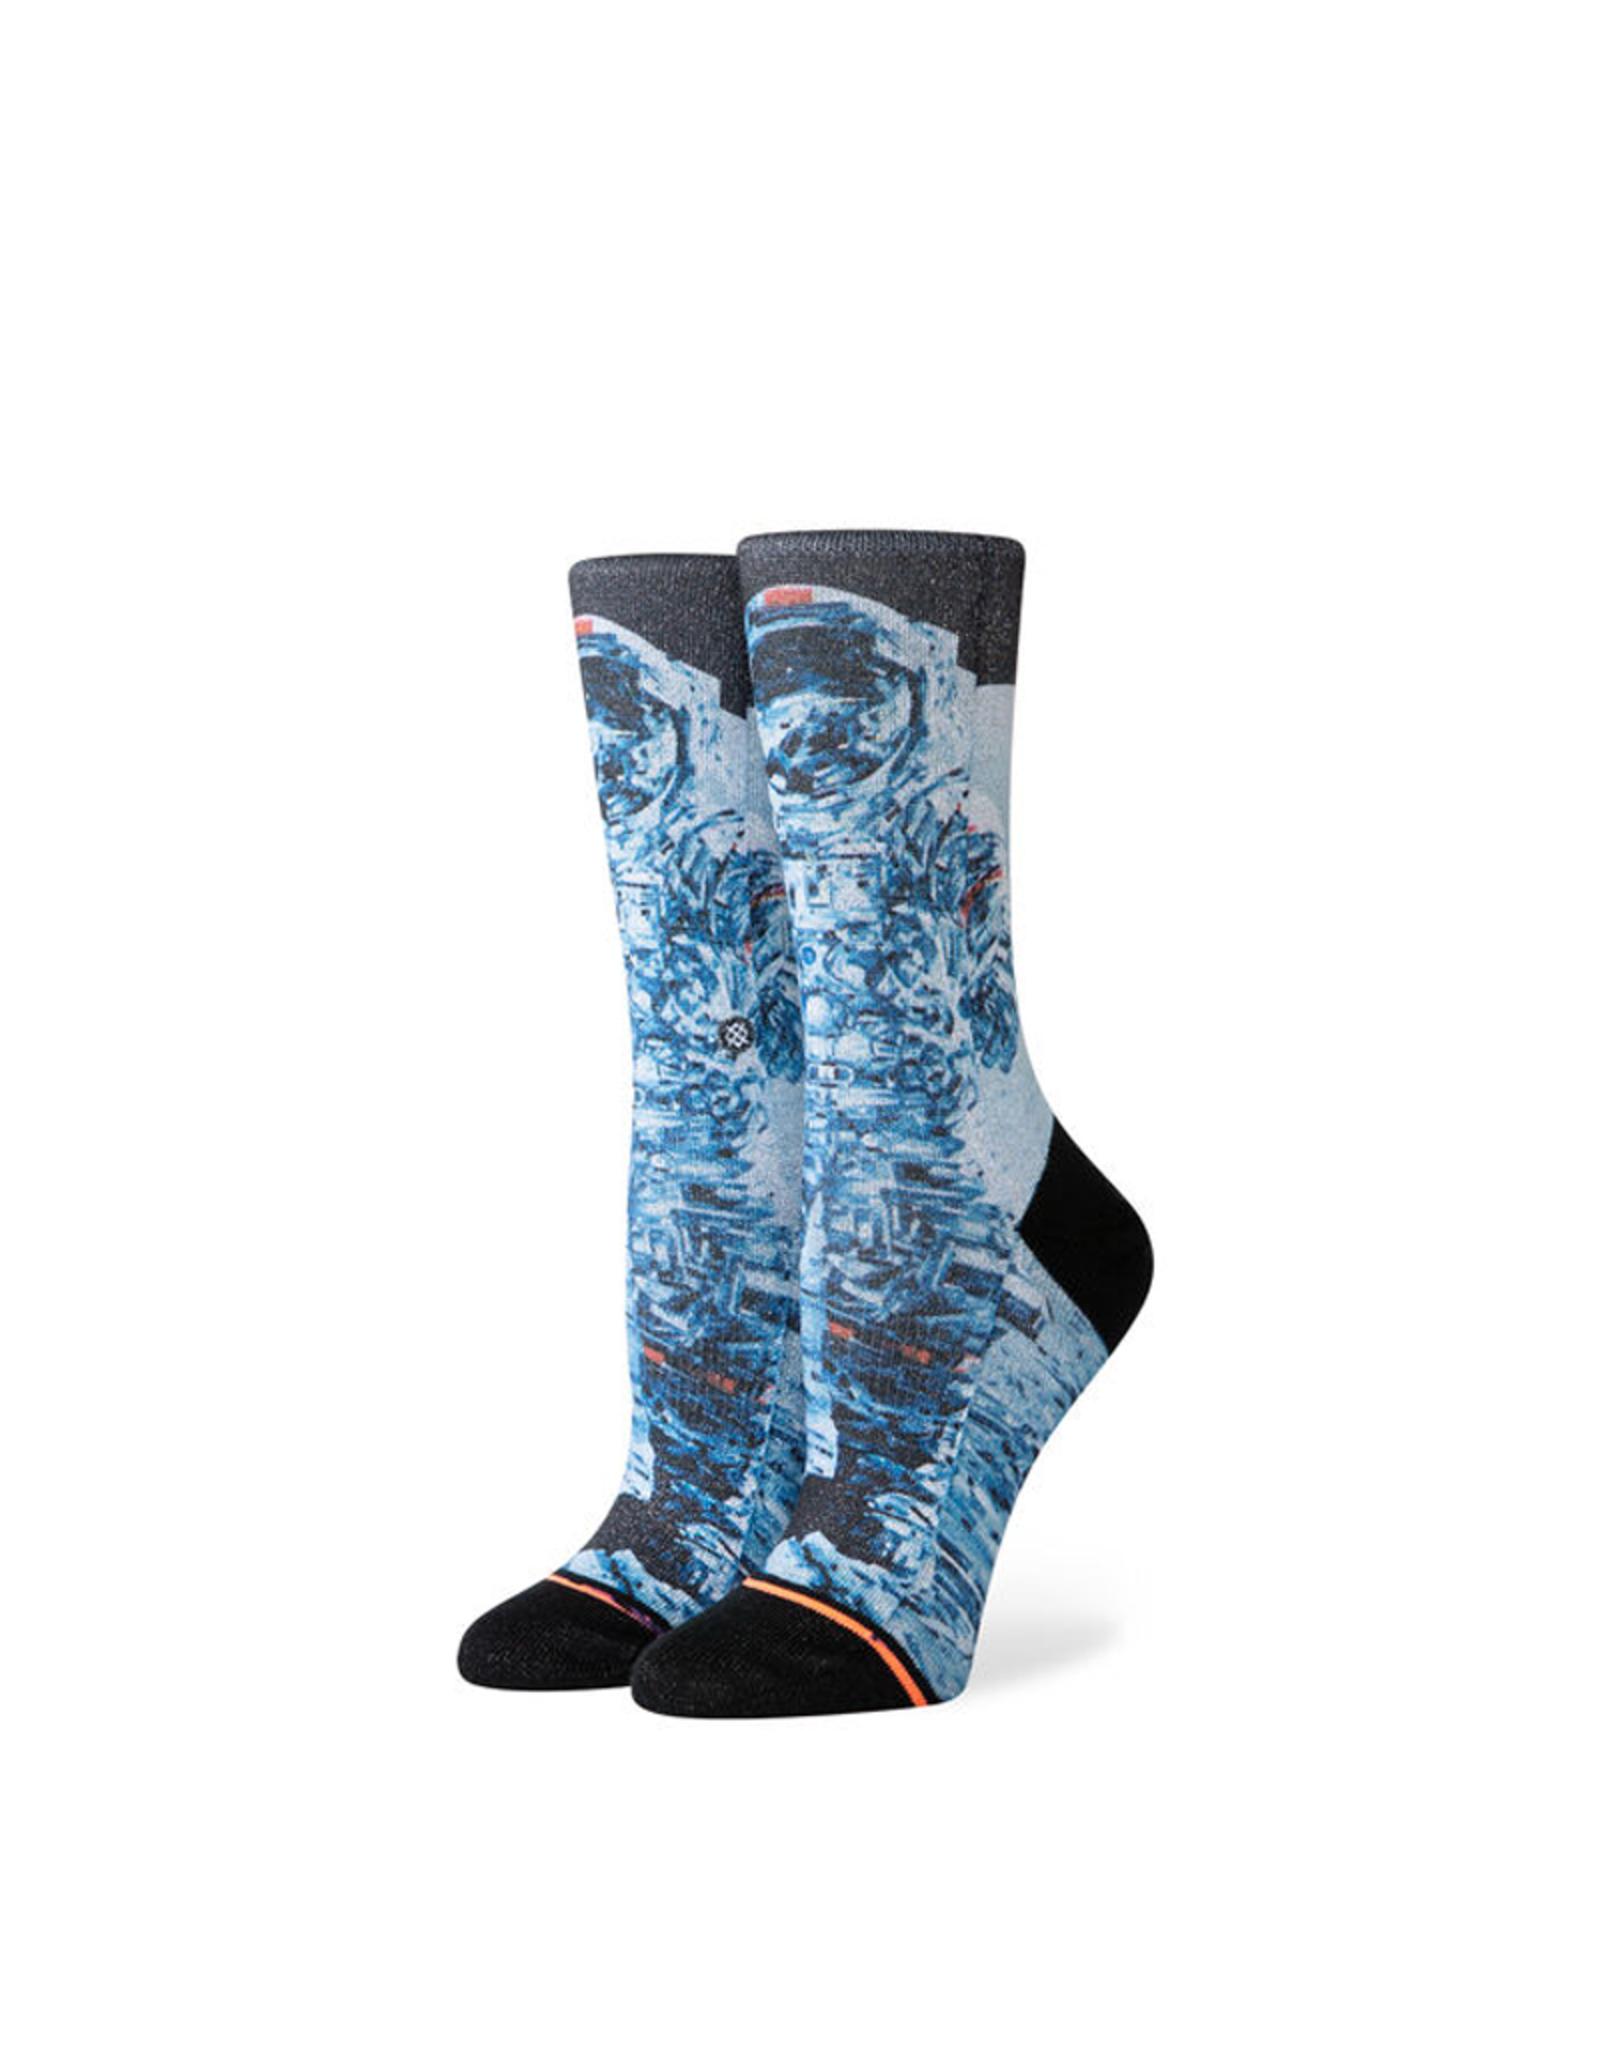 STANCE - No End Socks